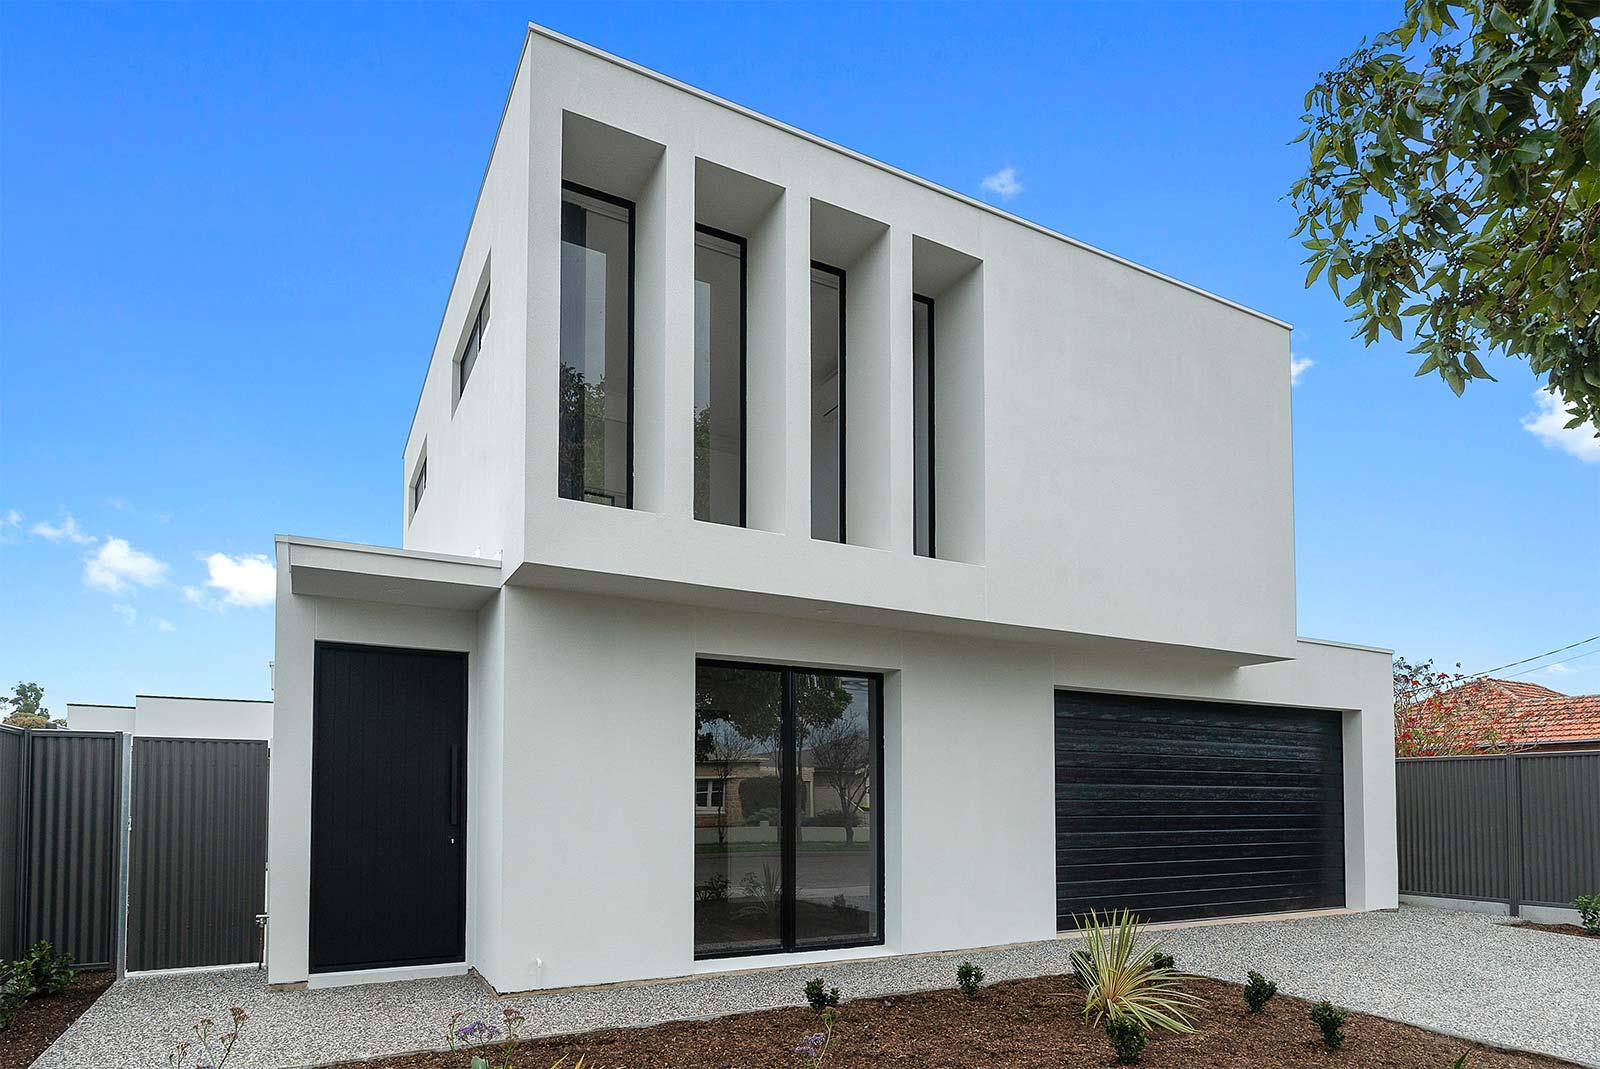 Azcon Homes Double Storey Custom Built Home Plymtpn Park A 001